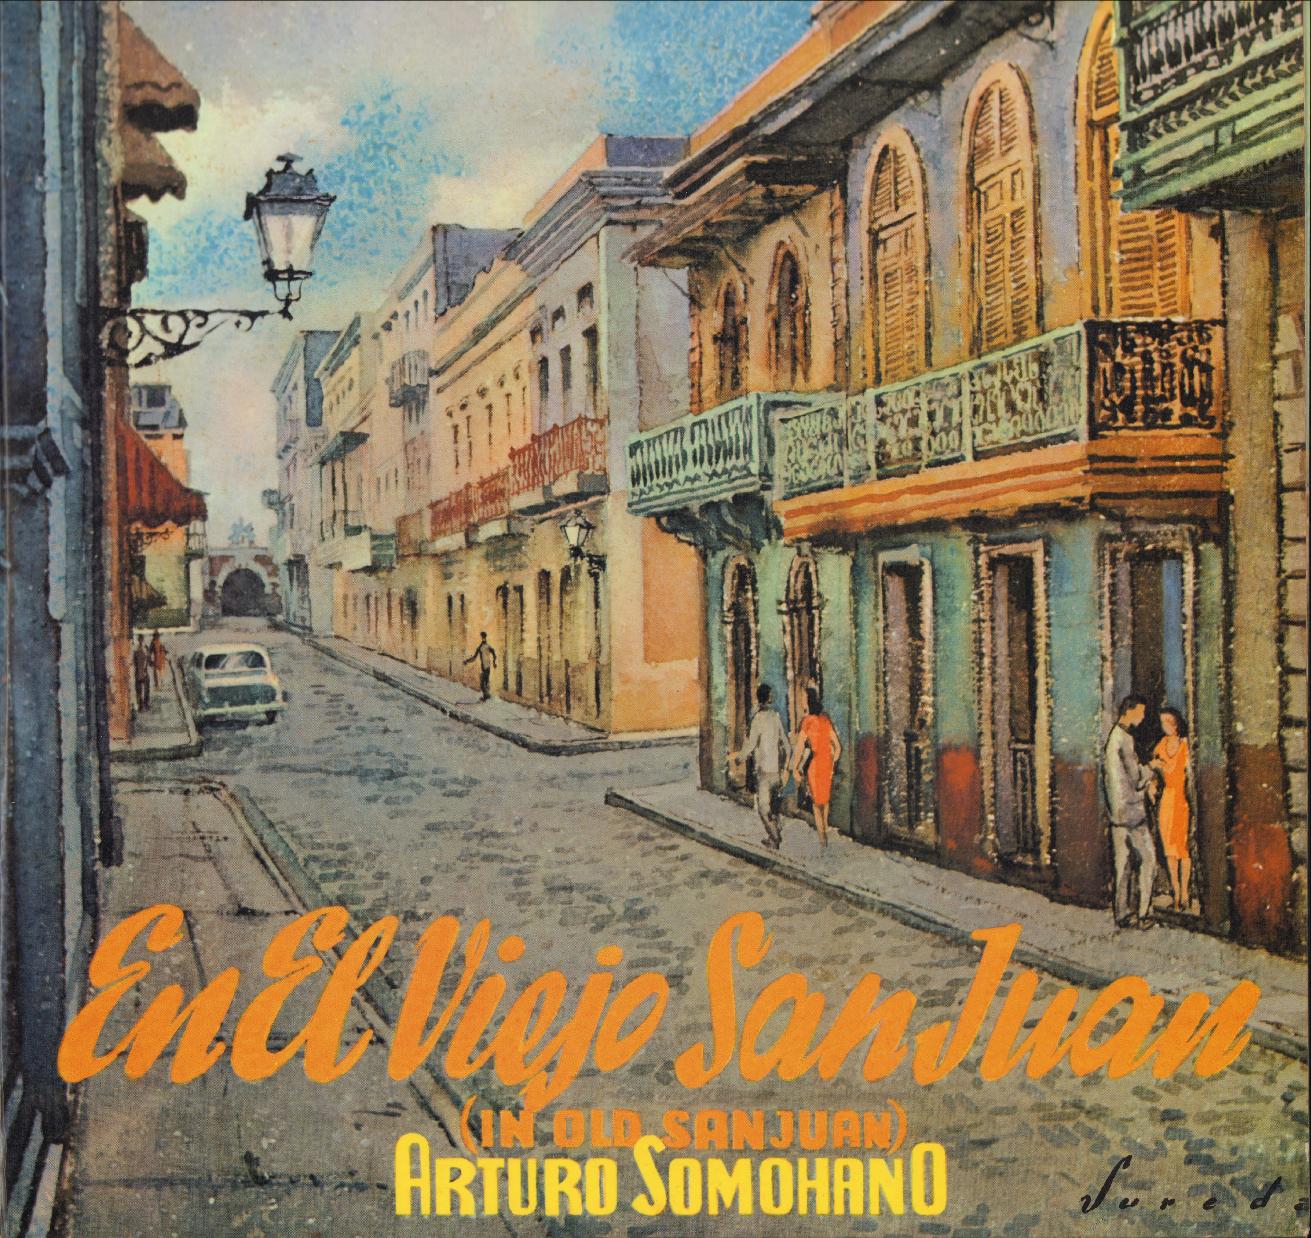 En el Viejo San Juan - Arturo Somohano y su Orquesta